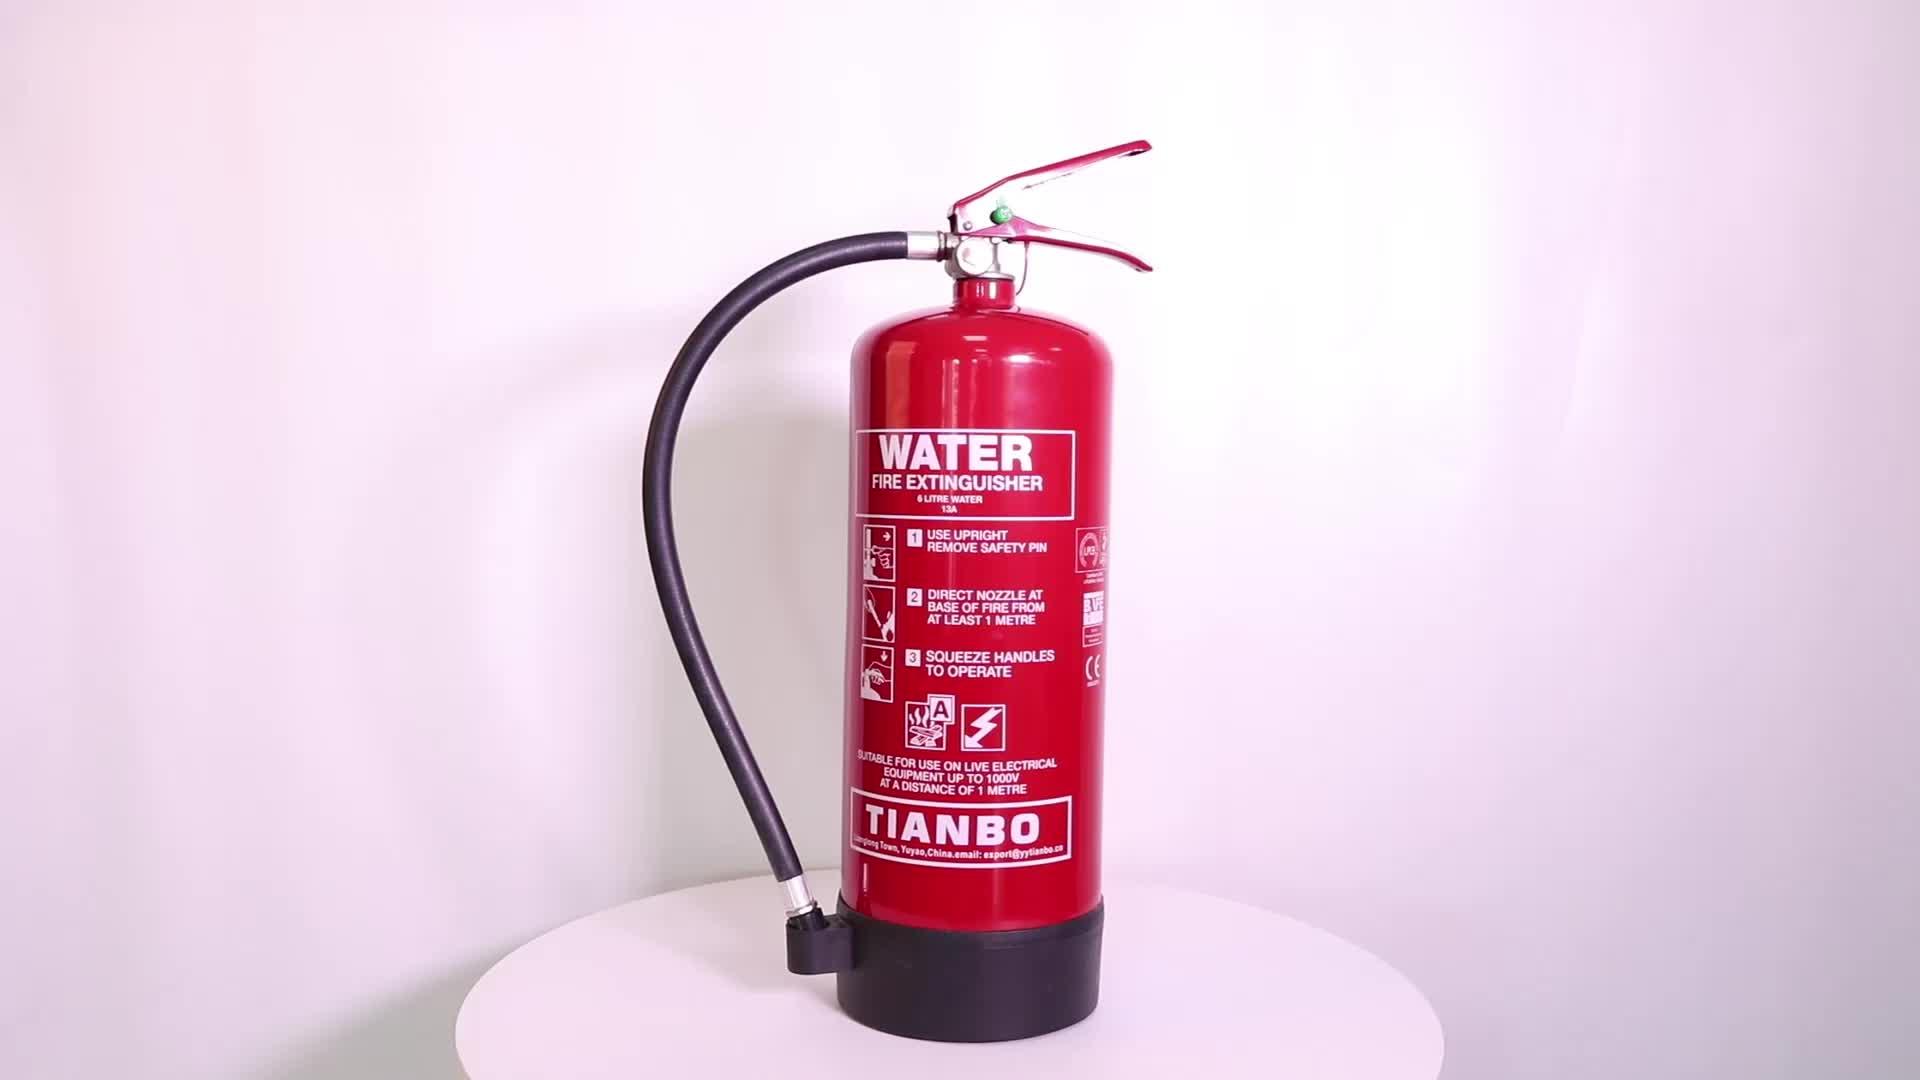 6L a base de agua aditivo extintor de fuego con CE EN3 LPCB aprobado extintor de fuego botella de agua con precio de fábrica